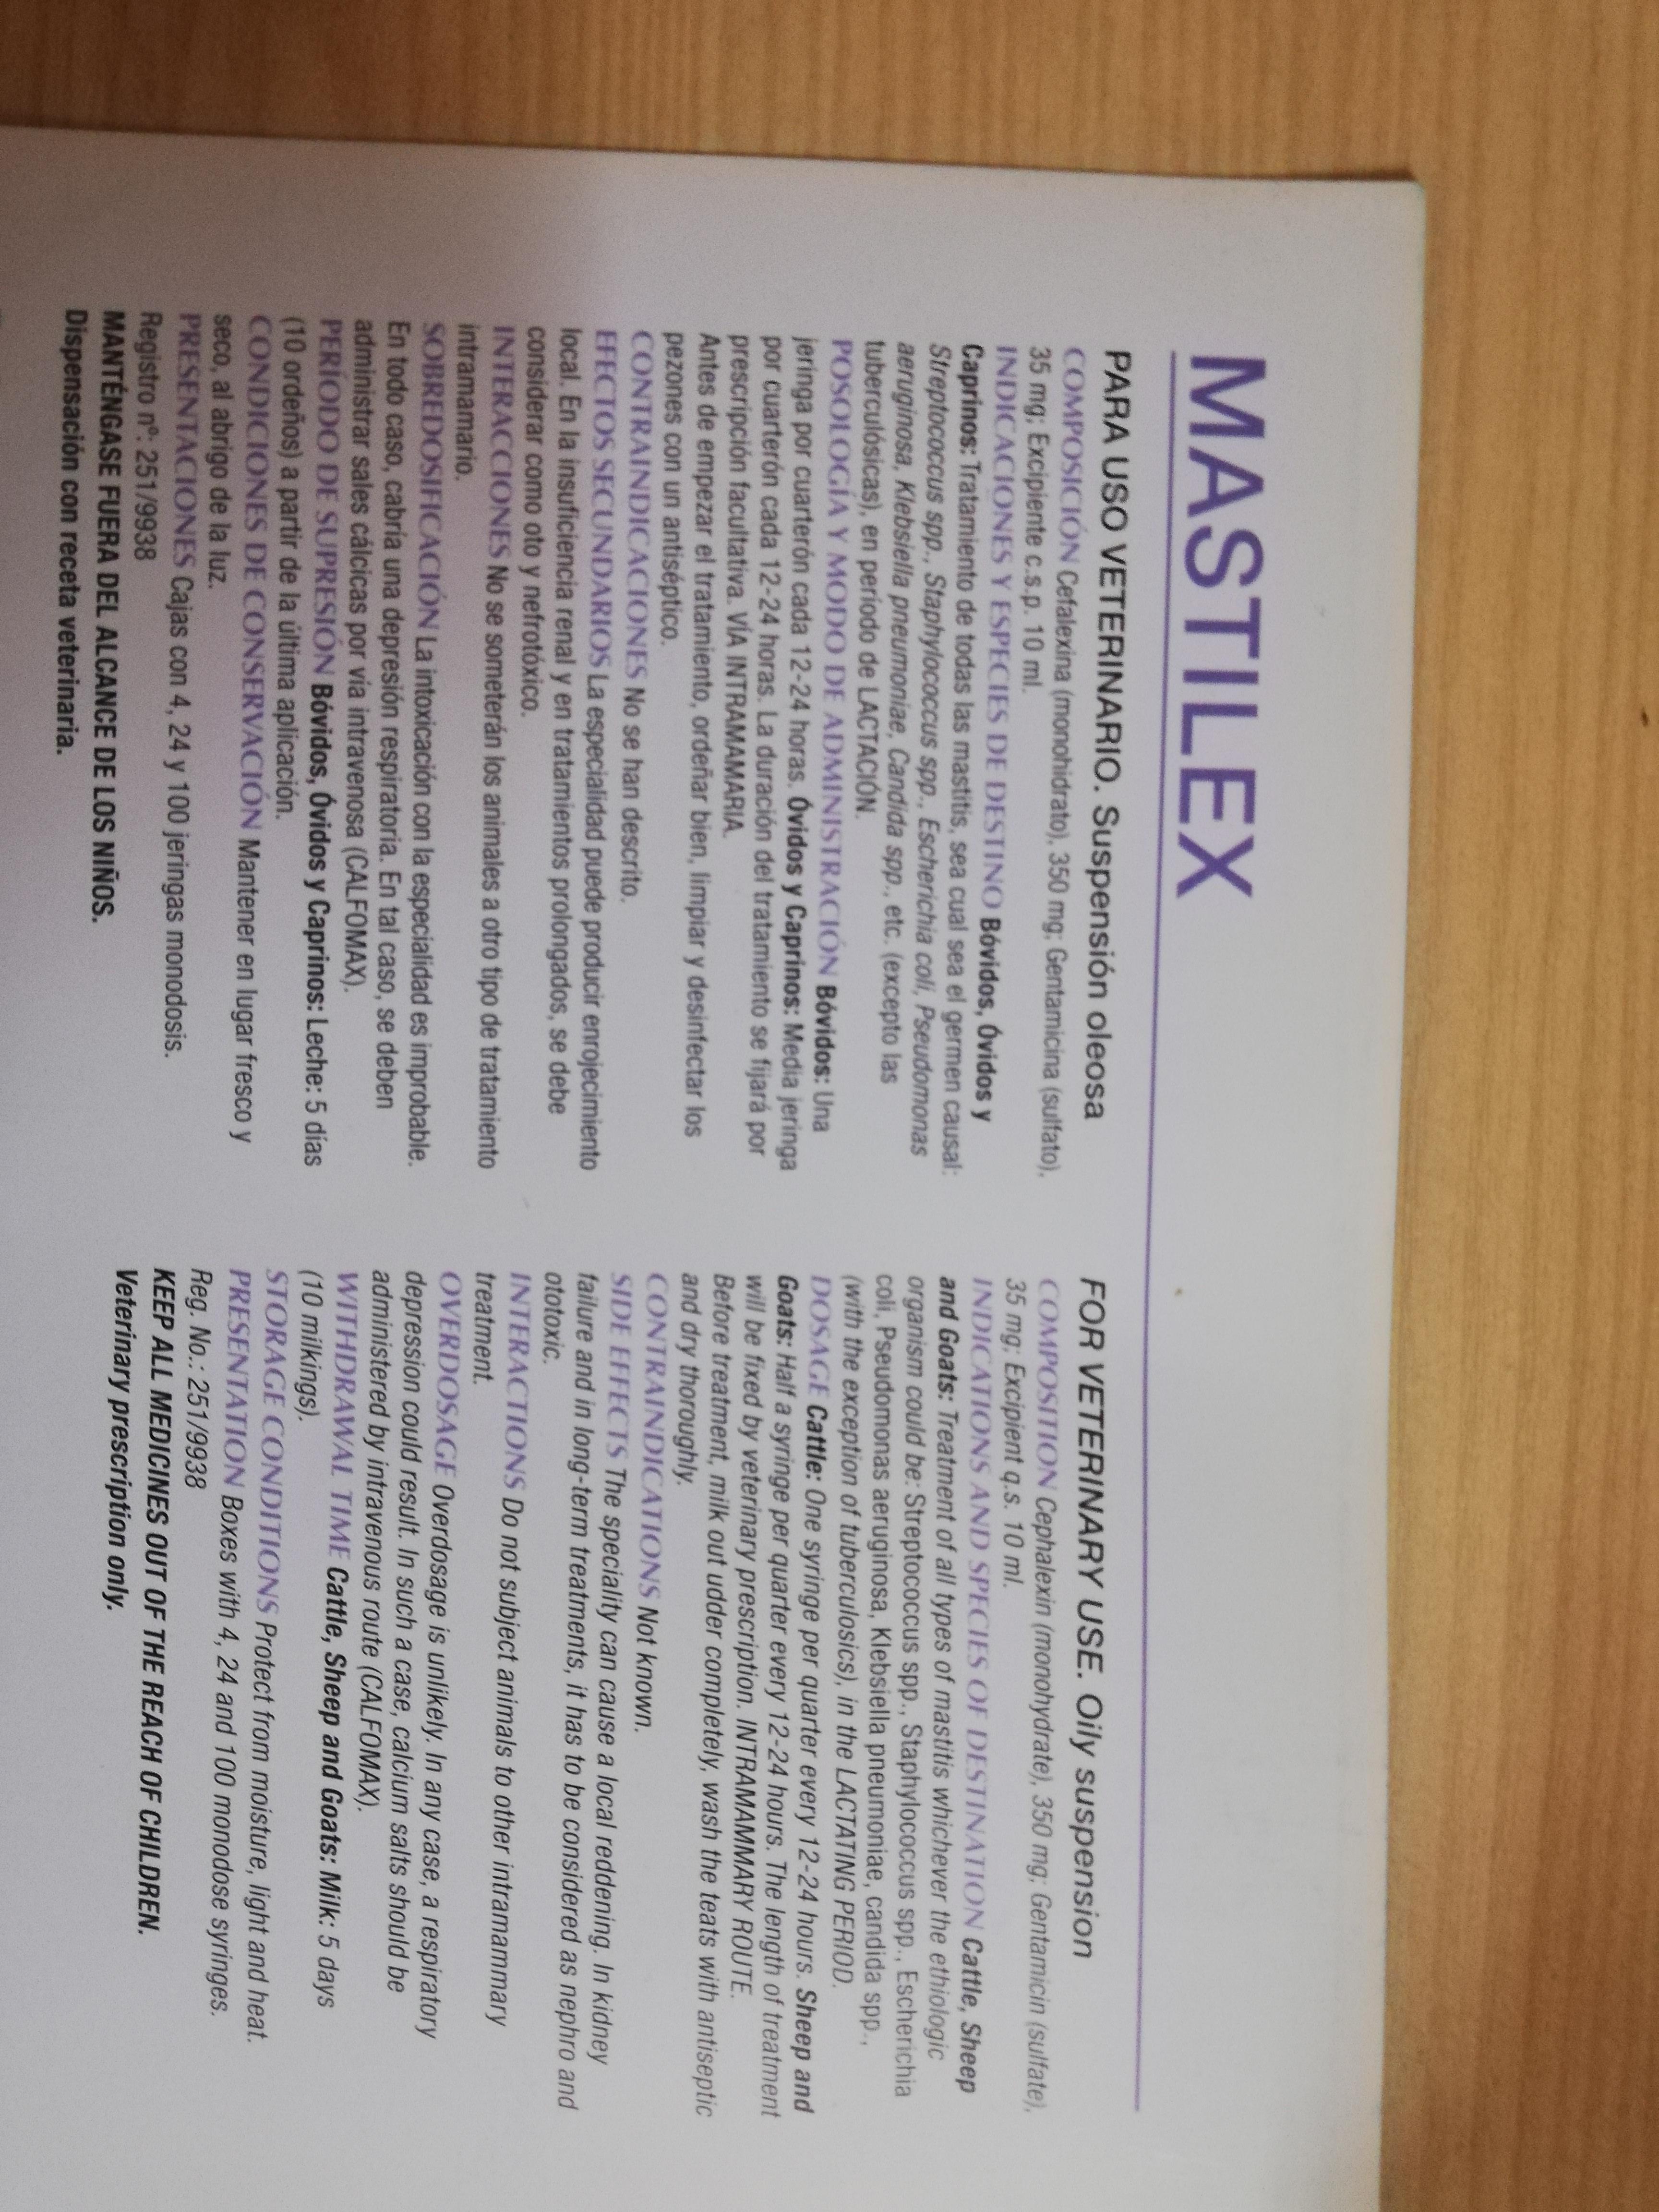 Mastilex I M Tubes!